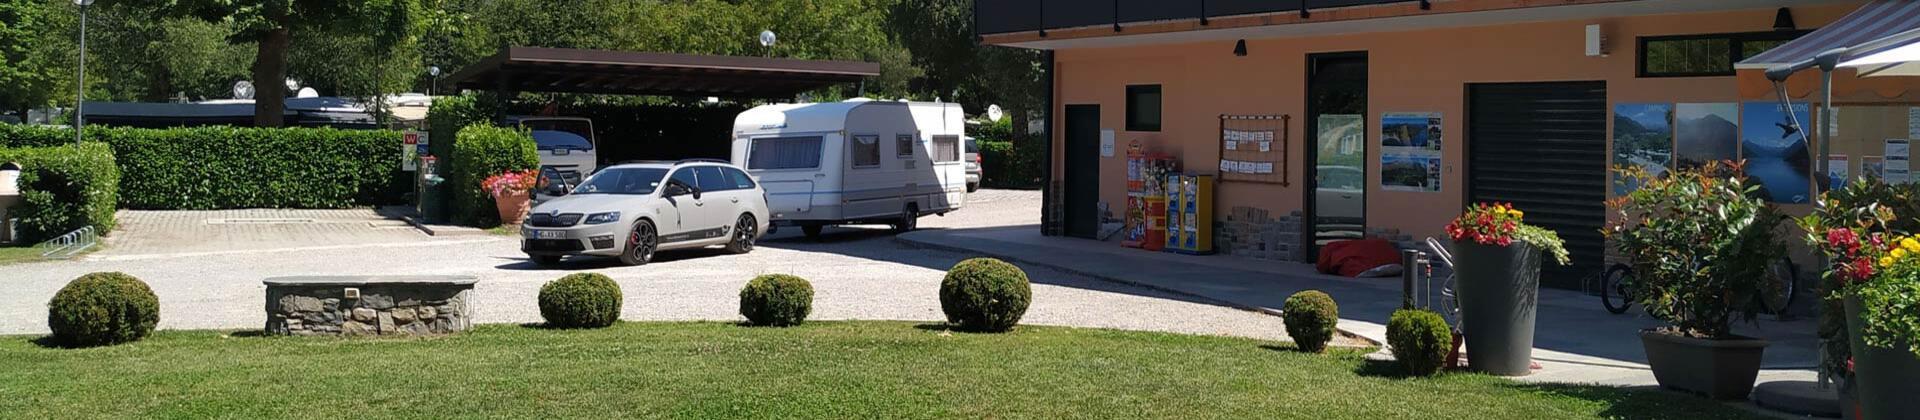 campingdarna en contacts 013